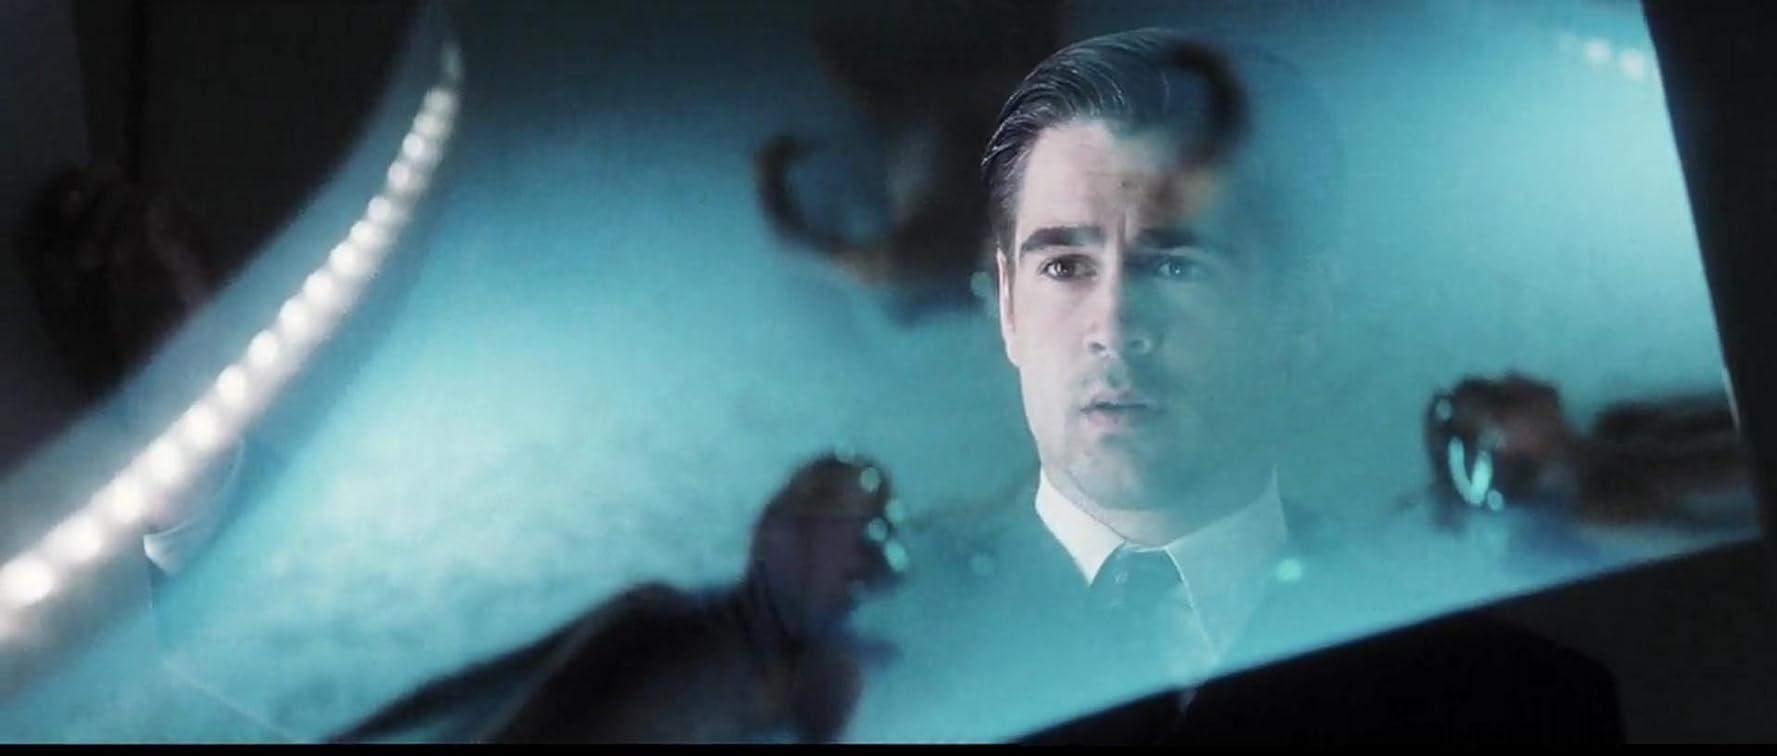 Colin Farrell in Minority Report (2002)